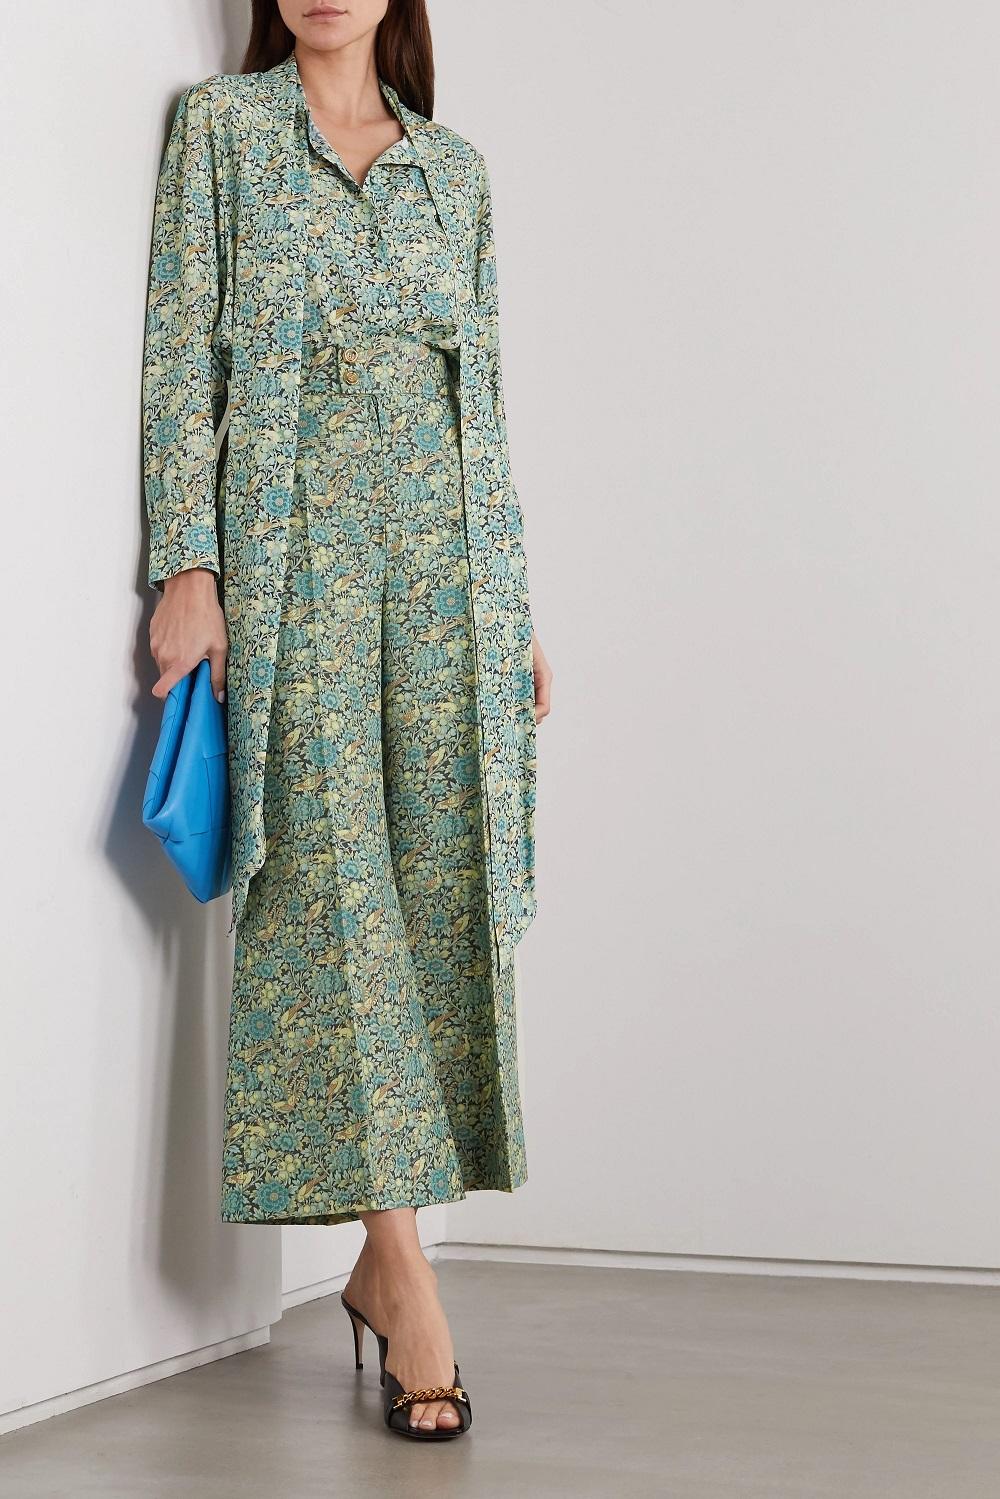 Gucci zelena boja modni trend proljeće 2021.